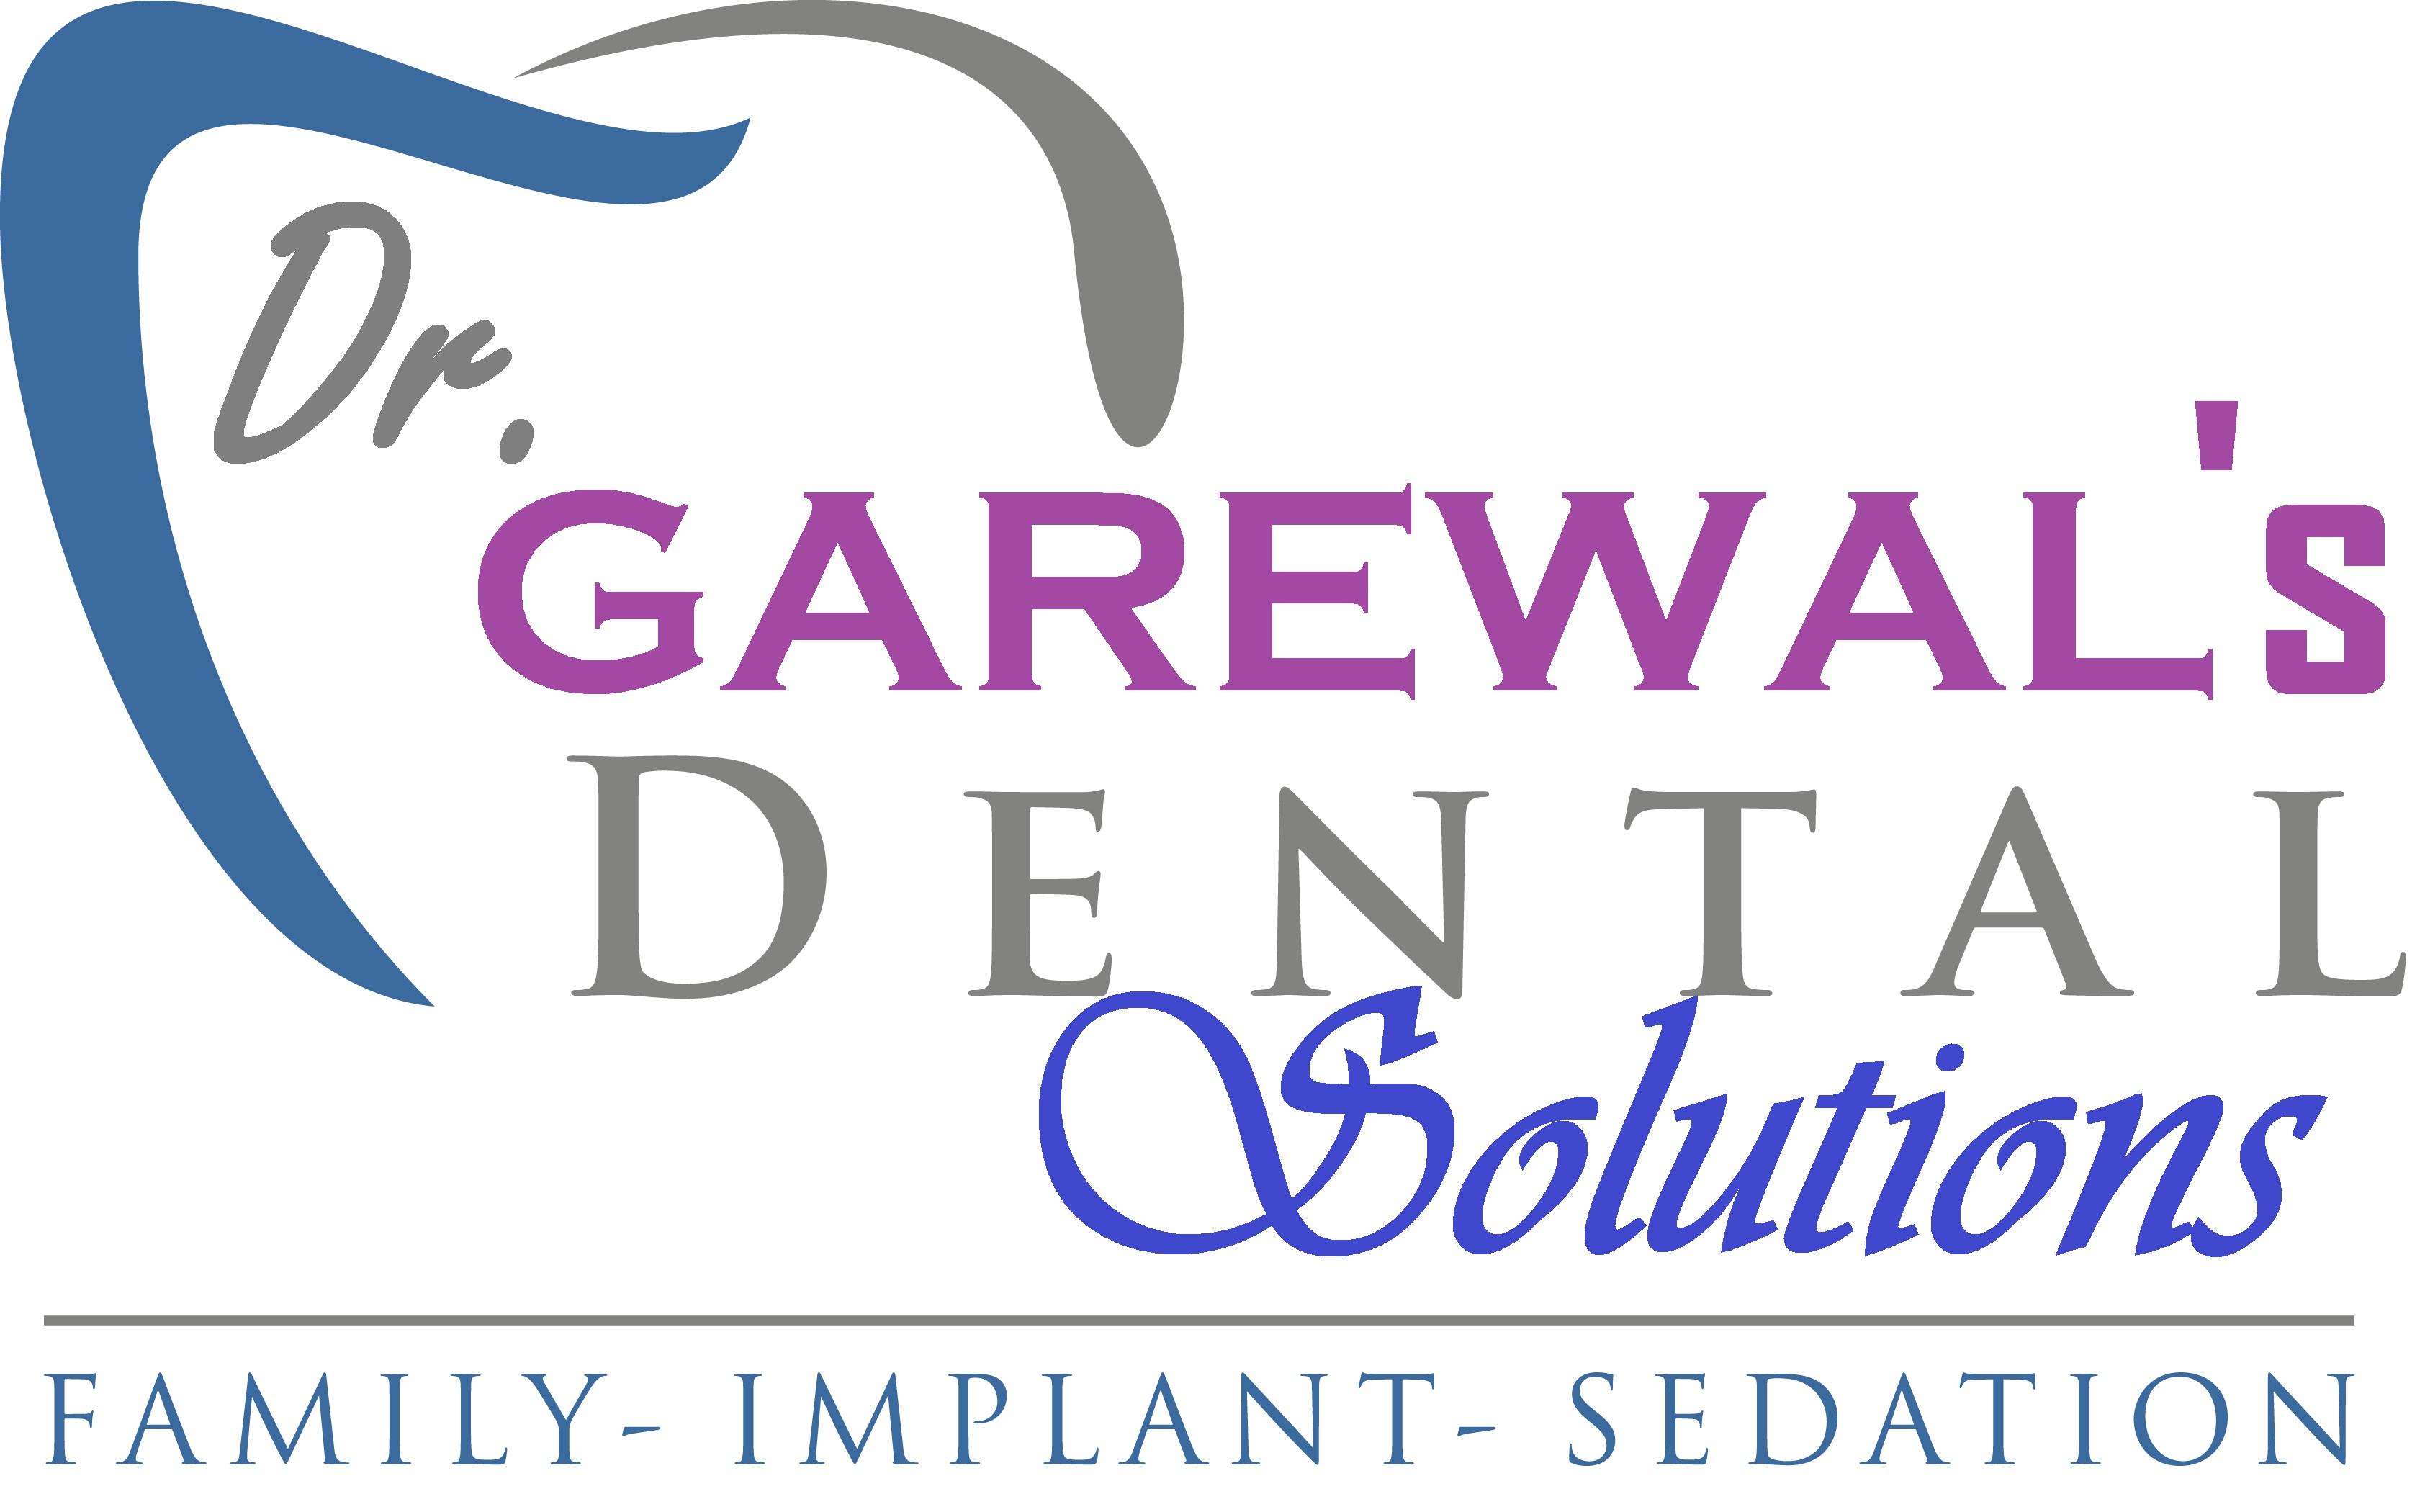 Dr. Garewals Dental Solutions, Sunny Enclave Main Gate, Sector 125, Mohali